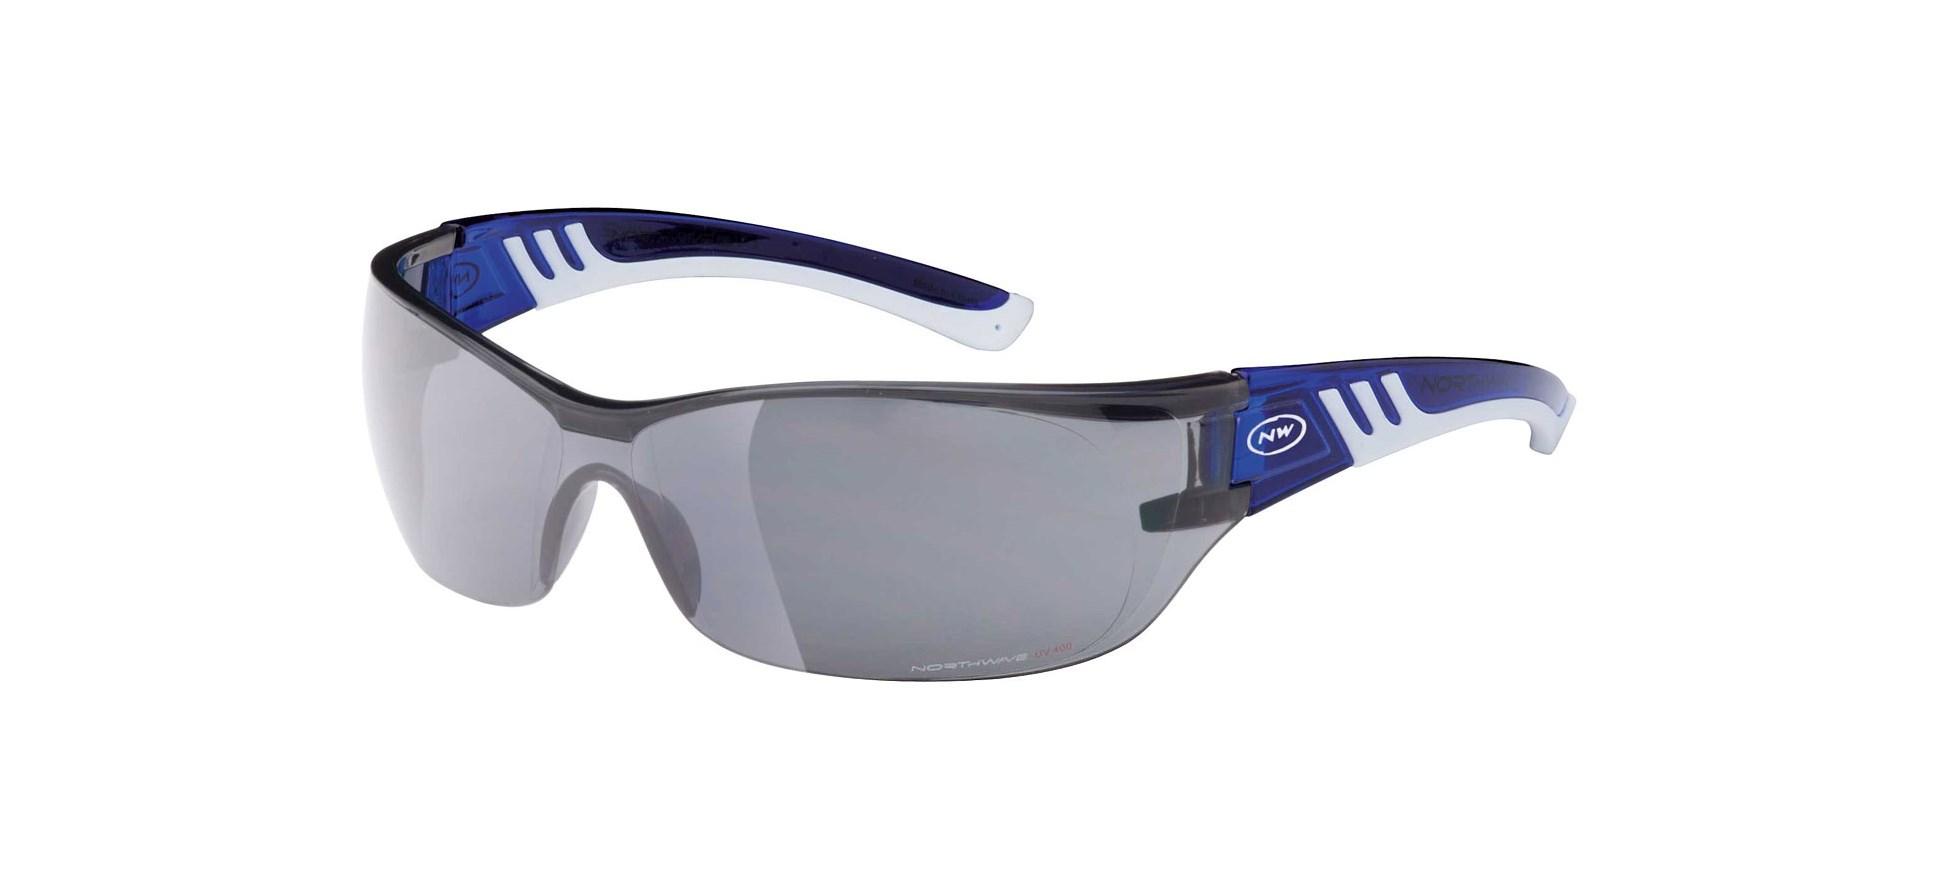 Northwave Space solbriller blå | Briller